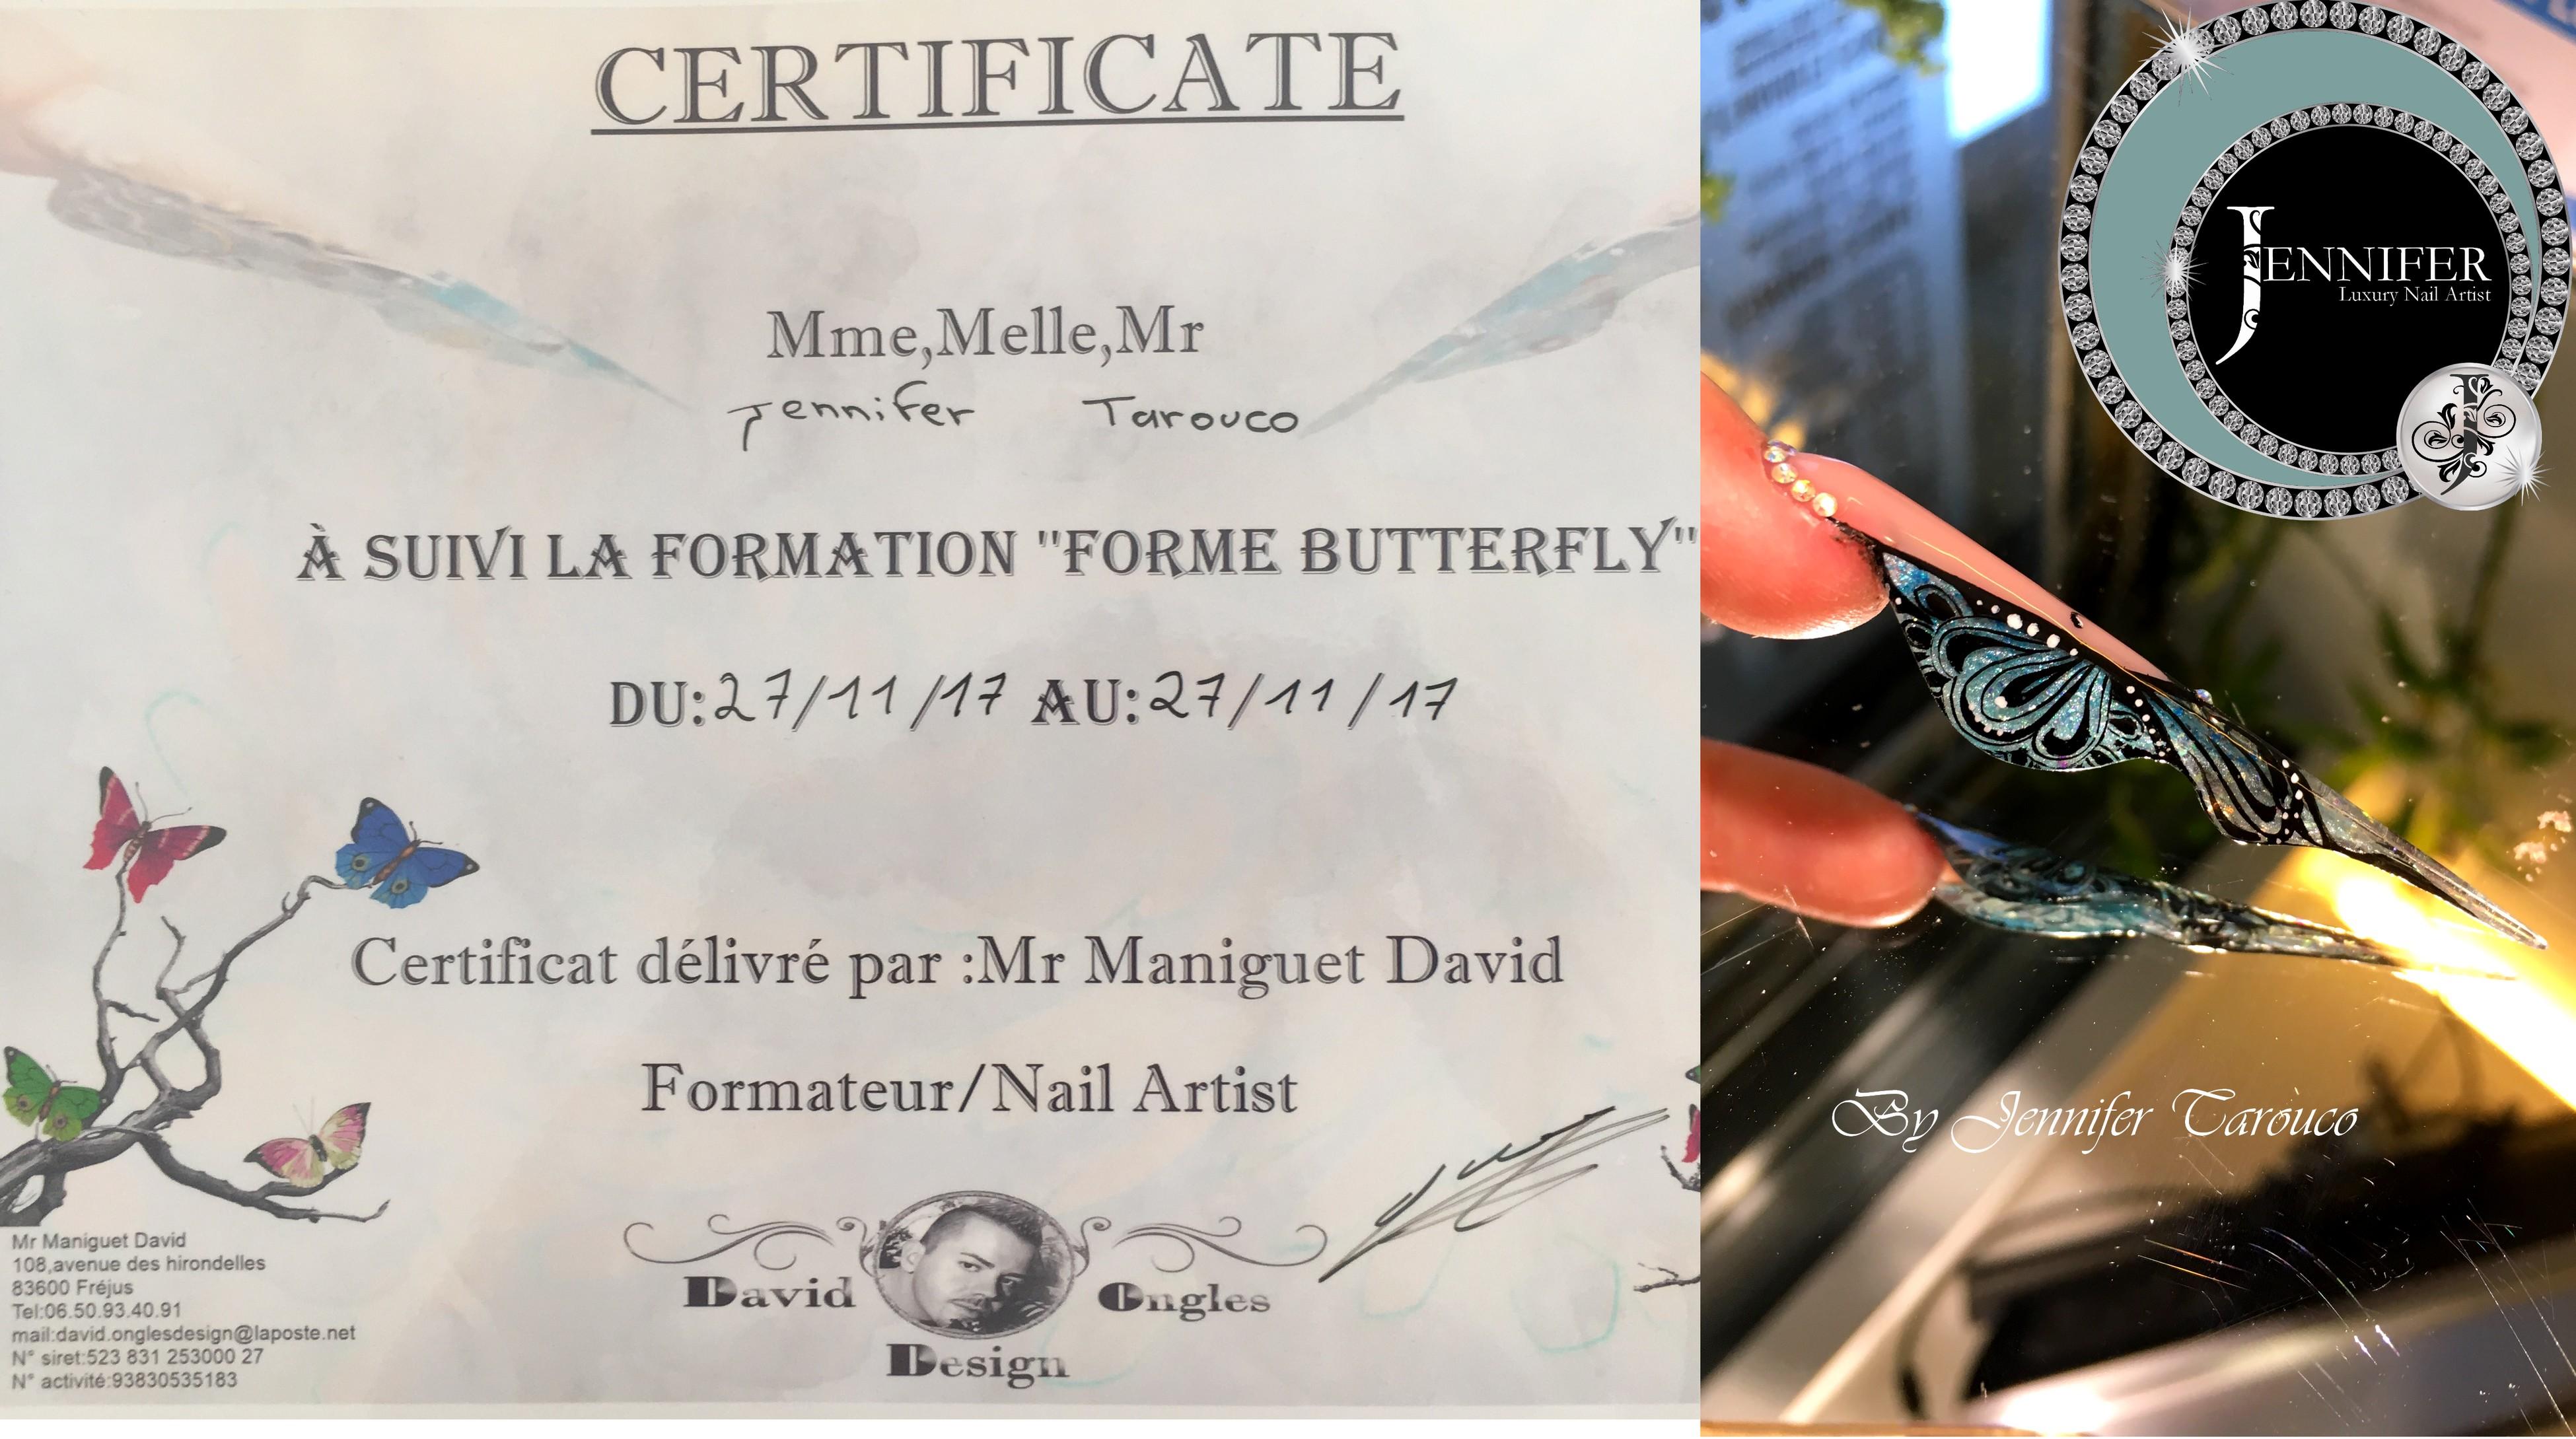 Certificat forme butterfly